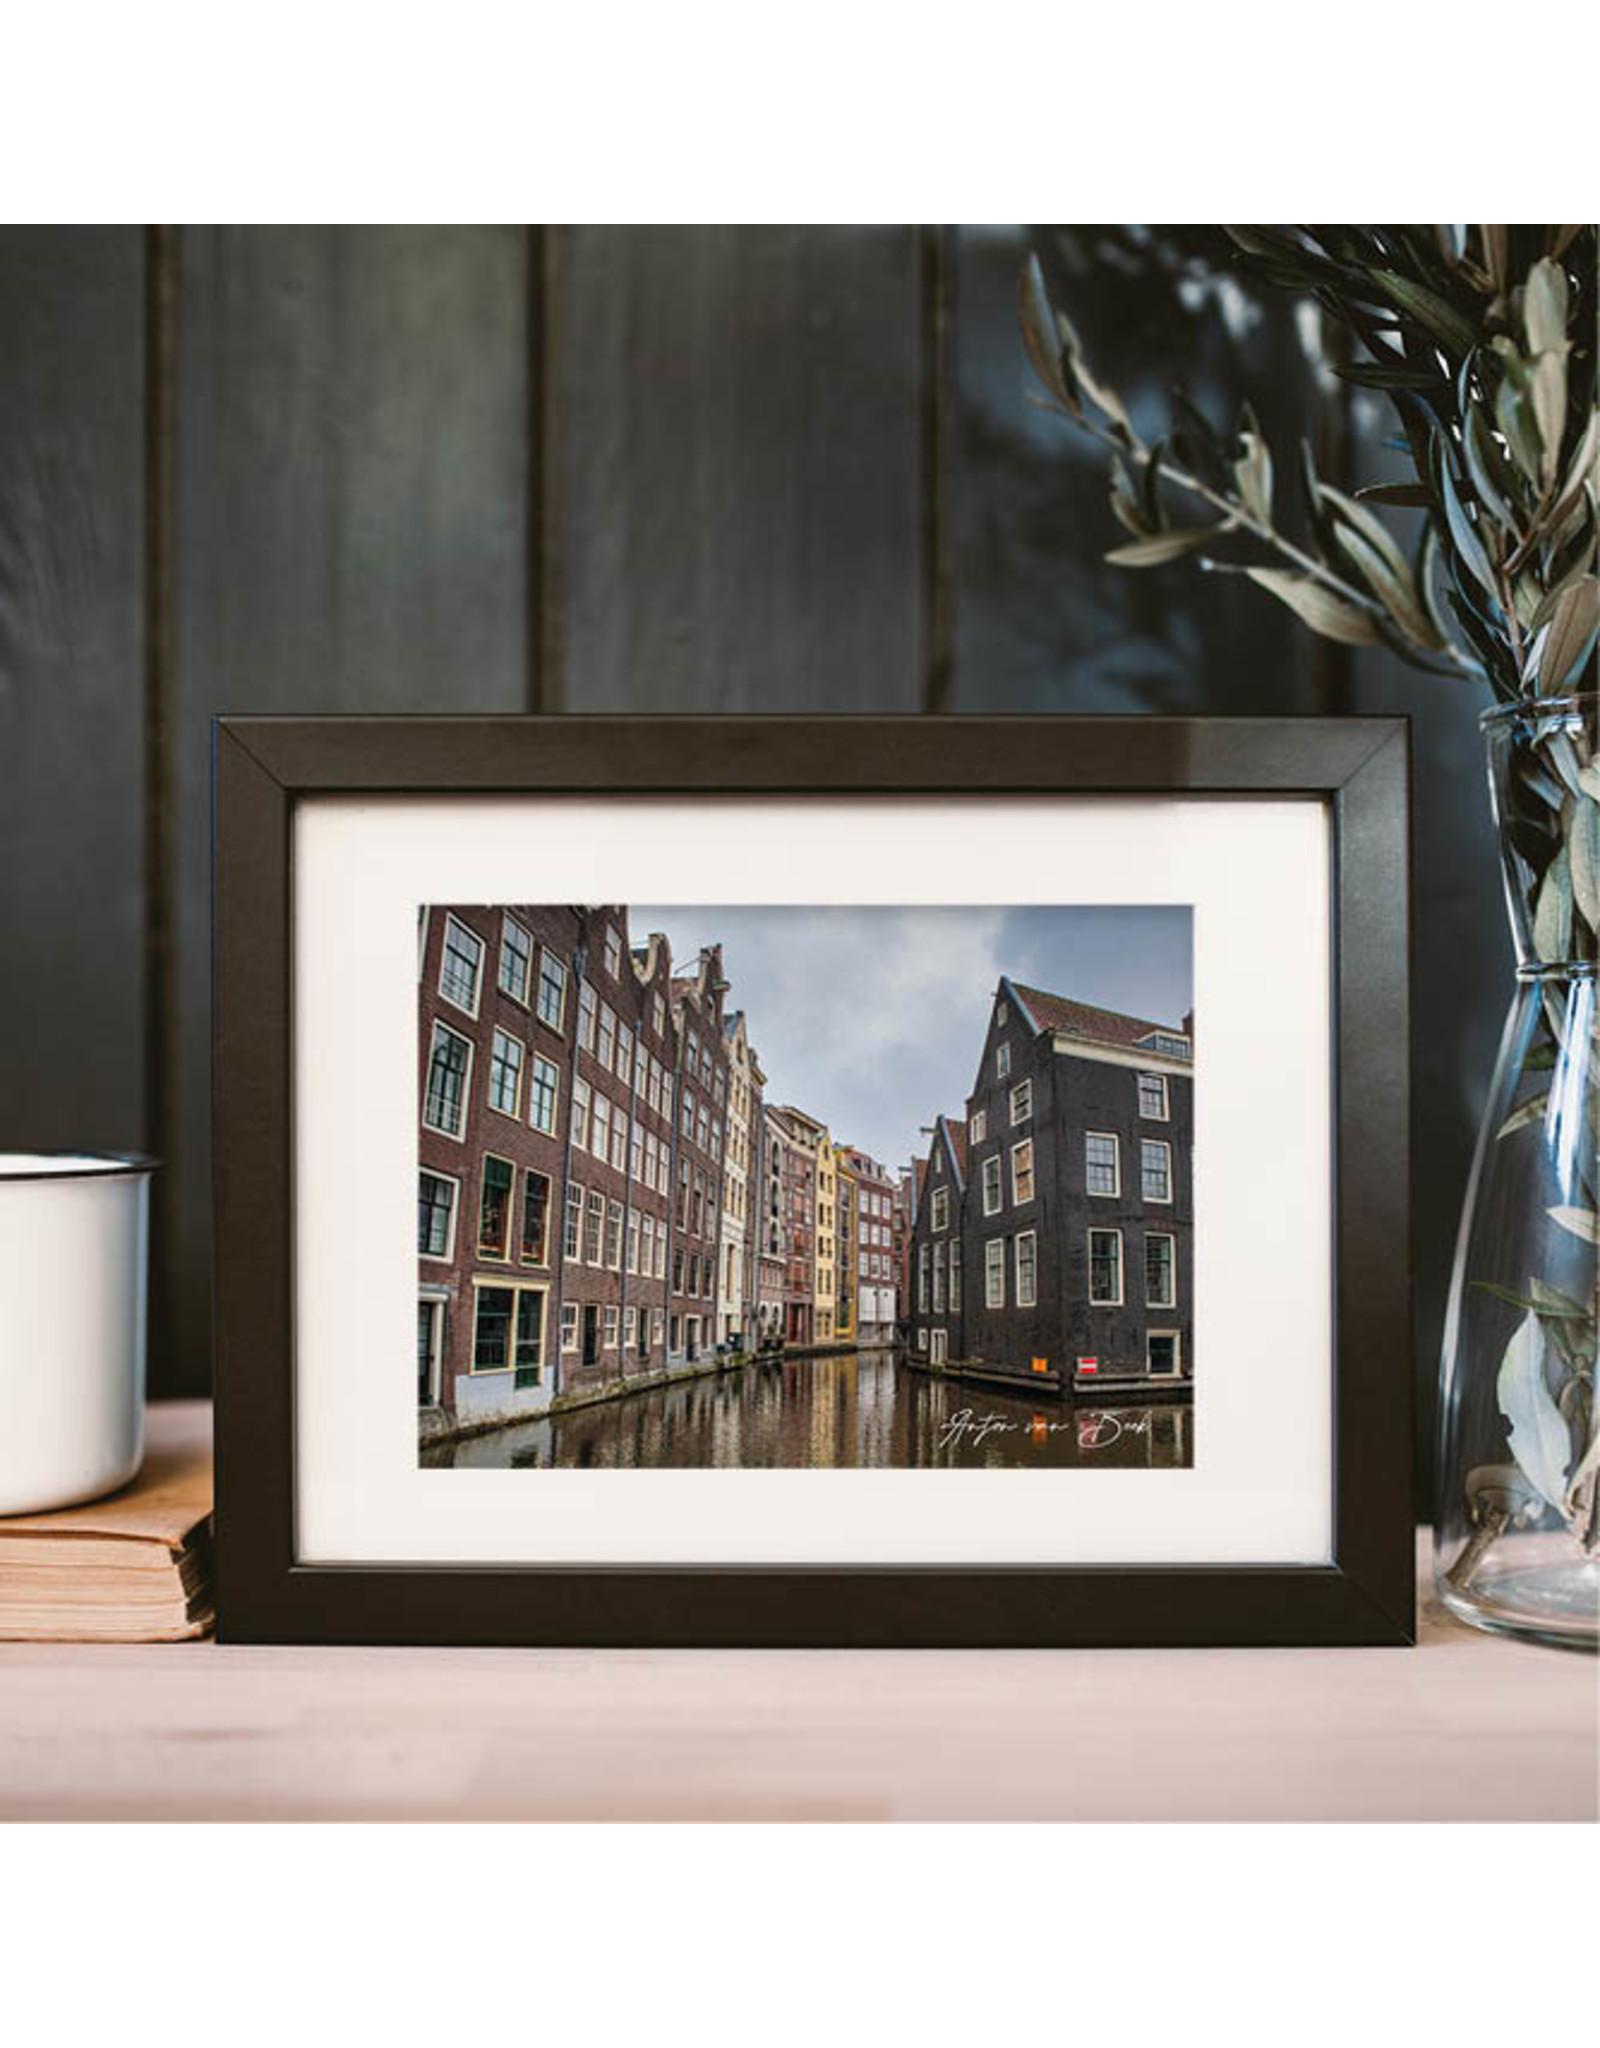 Dunnebier Home Poster Amsterdam - Anton van Beek Collectie